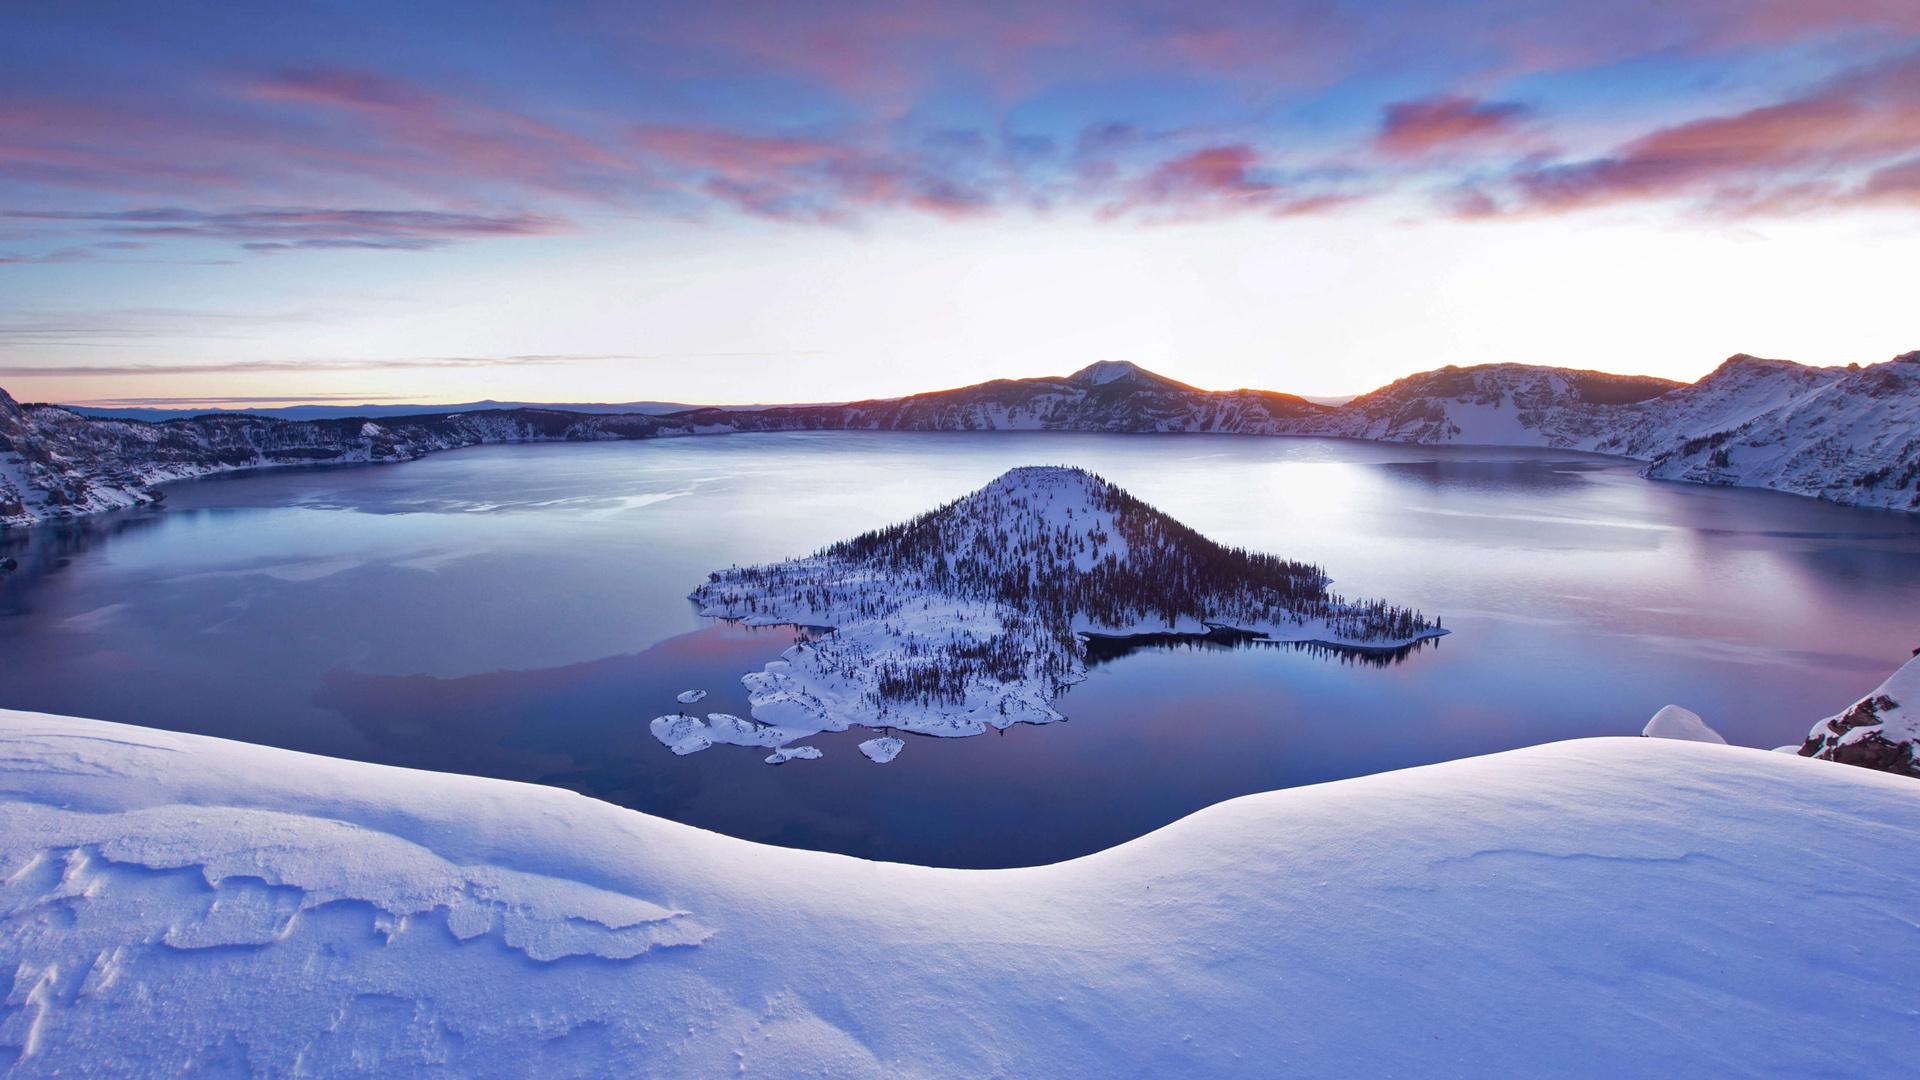 风景大片,冰天雪地,,冬天,,雪,,高山,,湖中小山